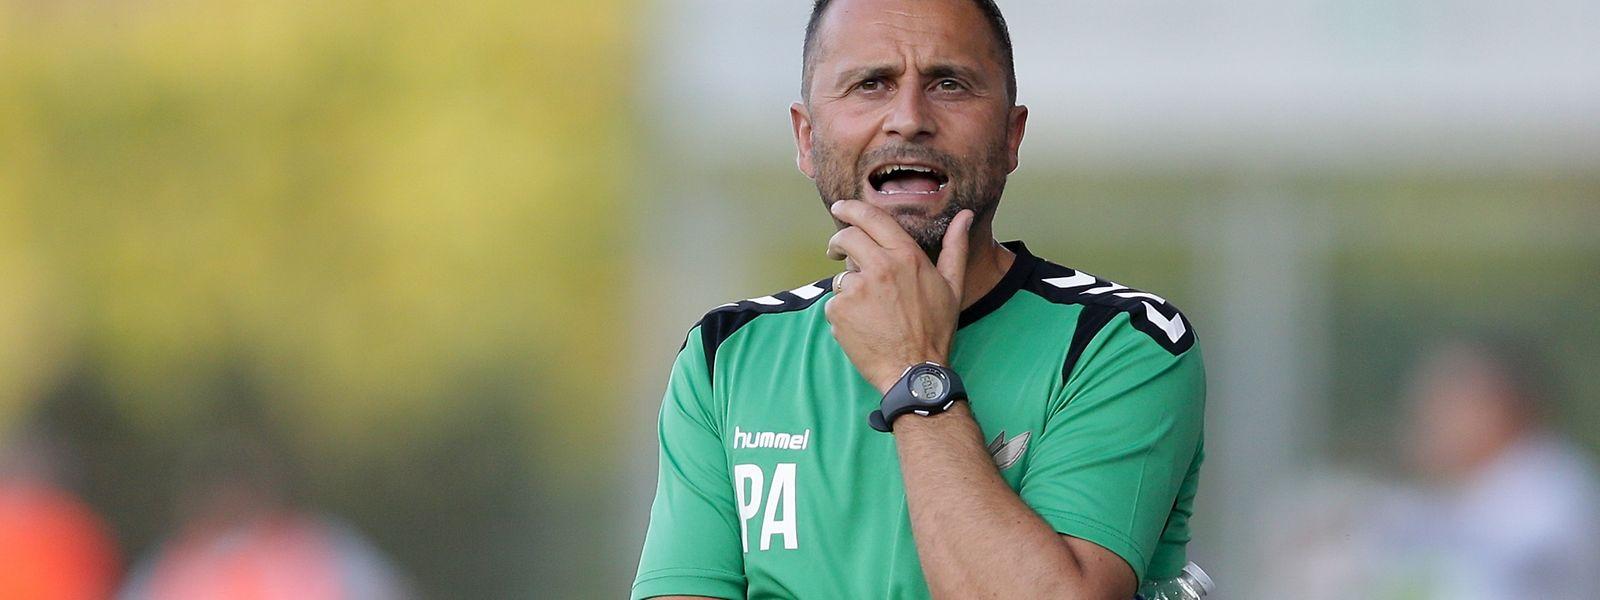 Progrès-Trainer Paolo Amodio hofft, dass seine Spieler eine Reaktion zeigen.